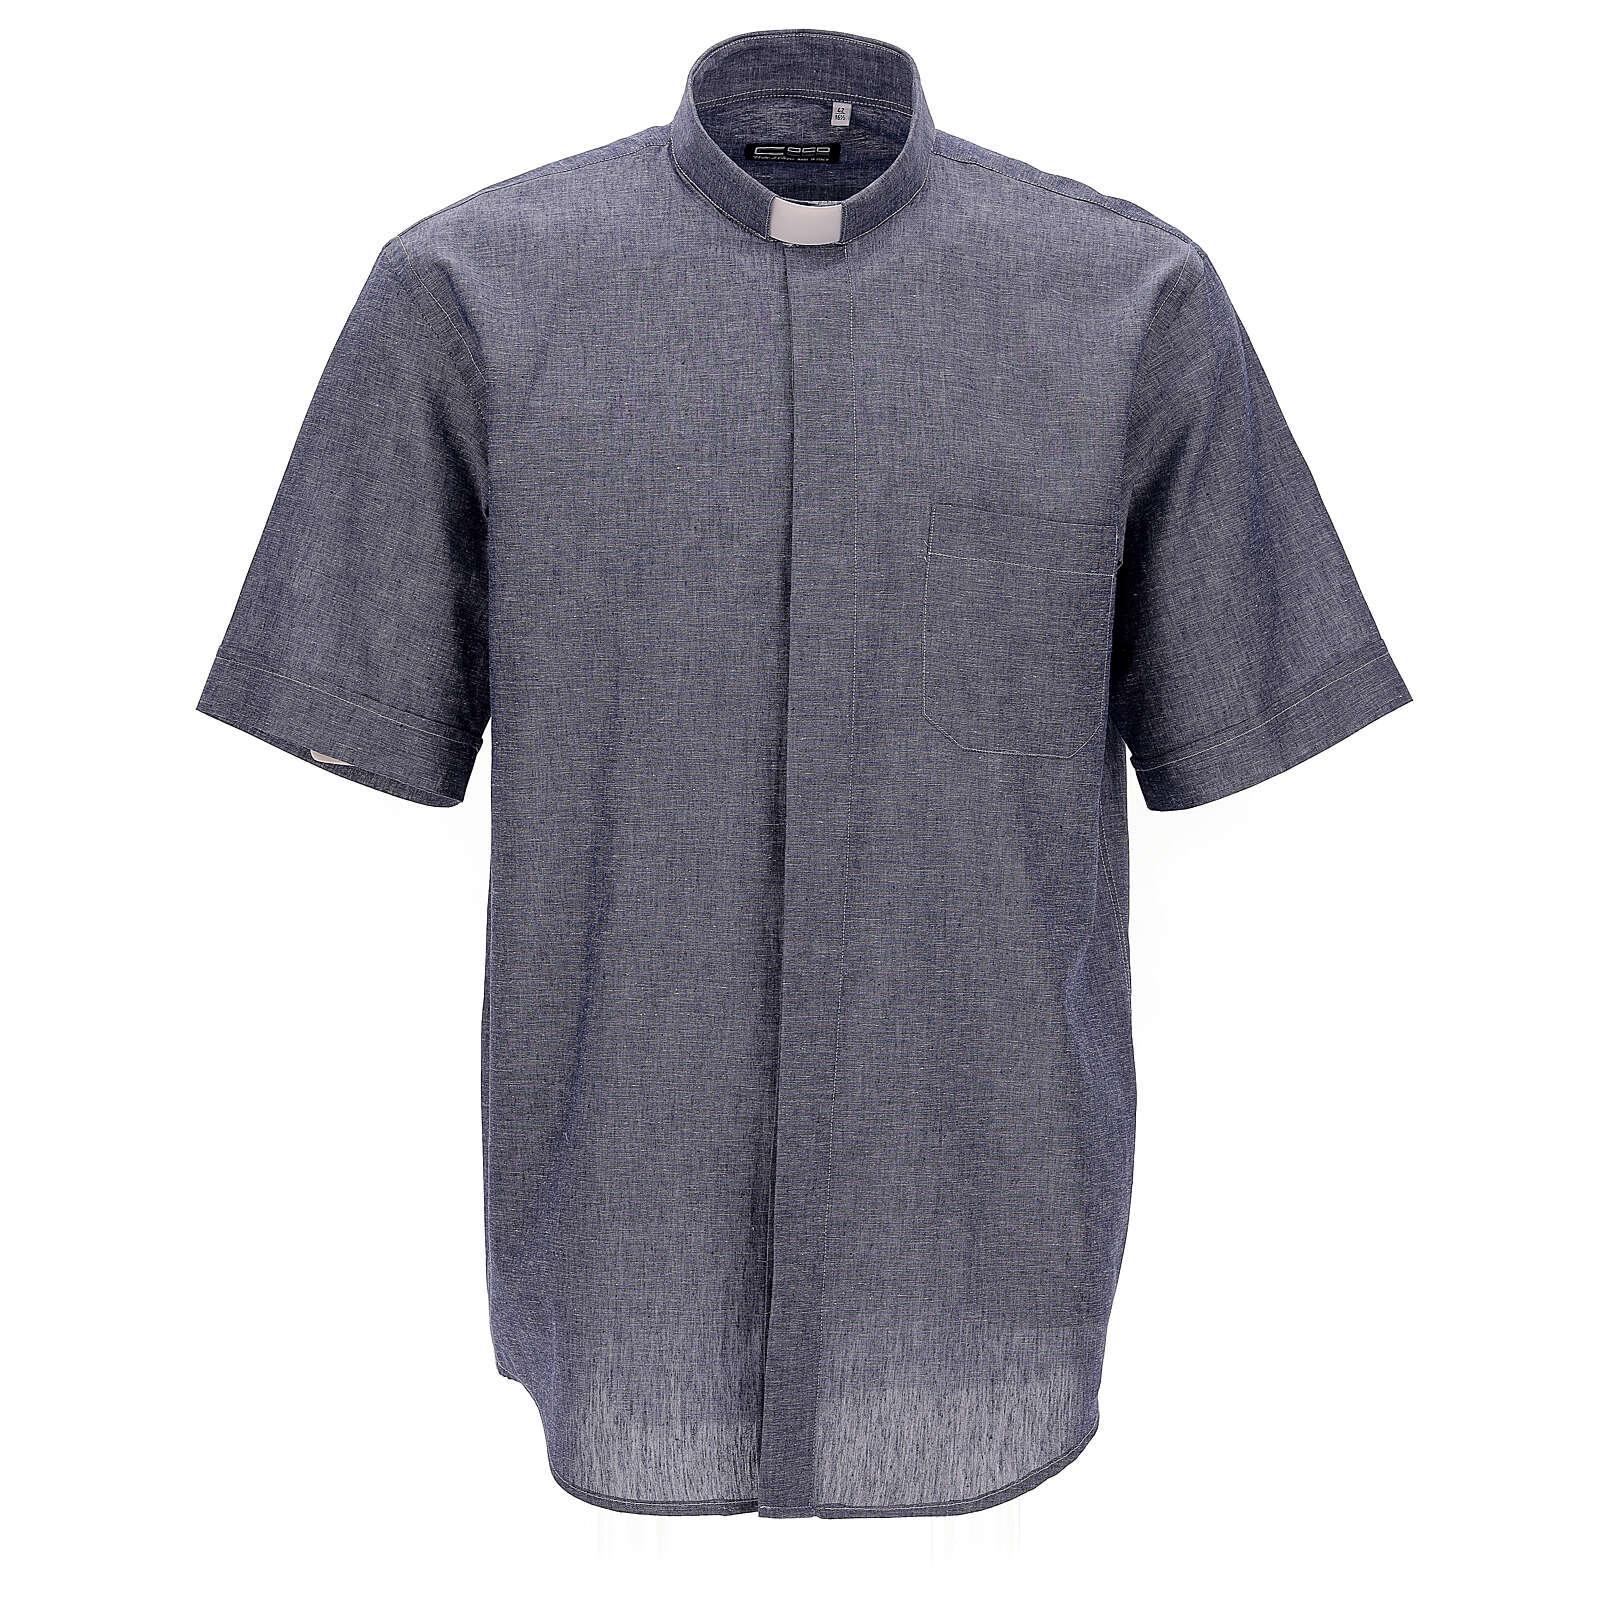 Camisa para sacerdote azul escuro em linho de manga curta 4